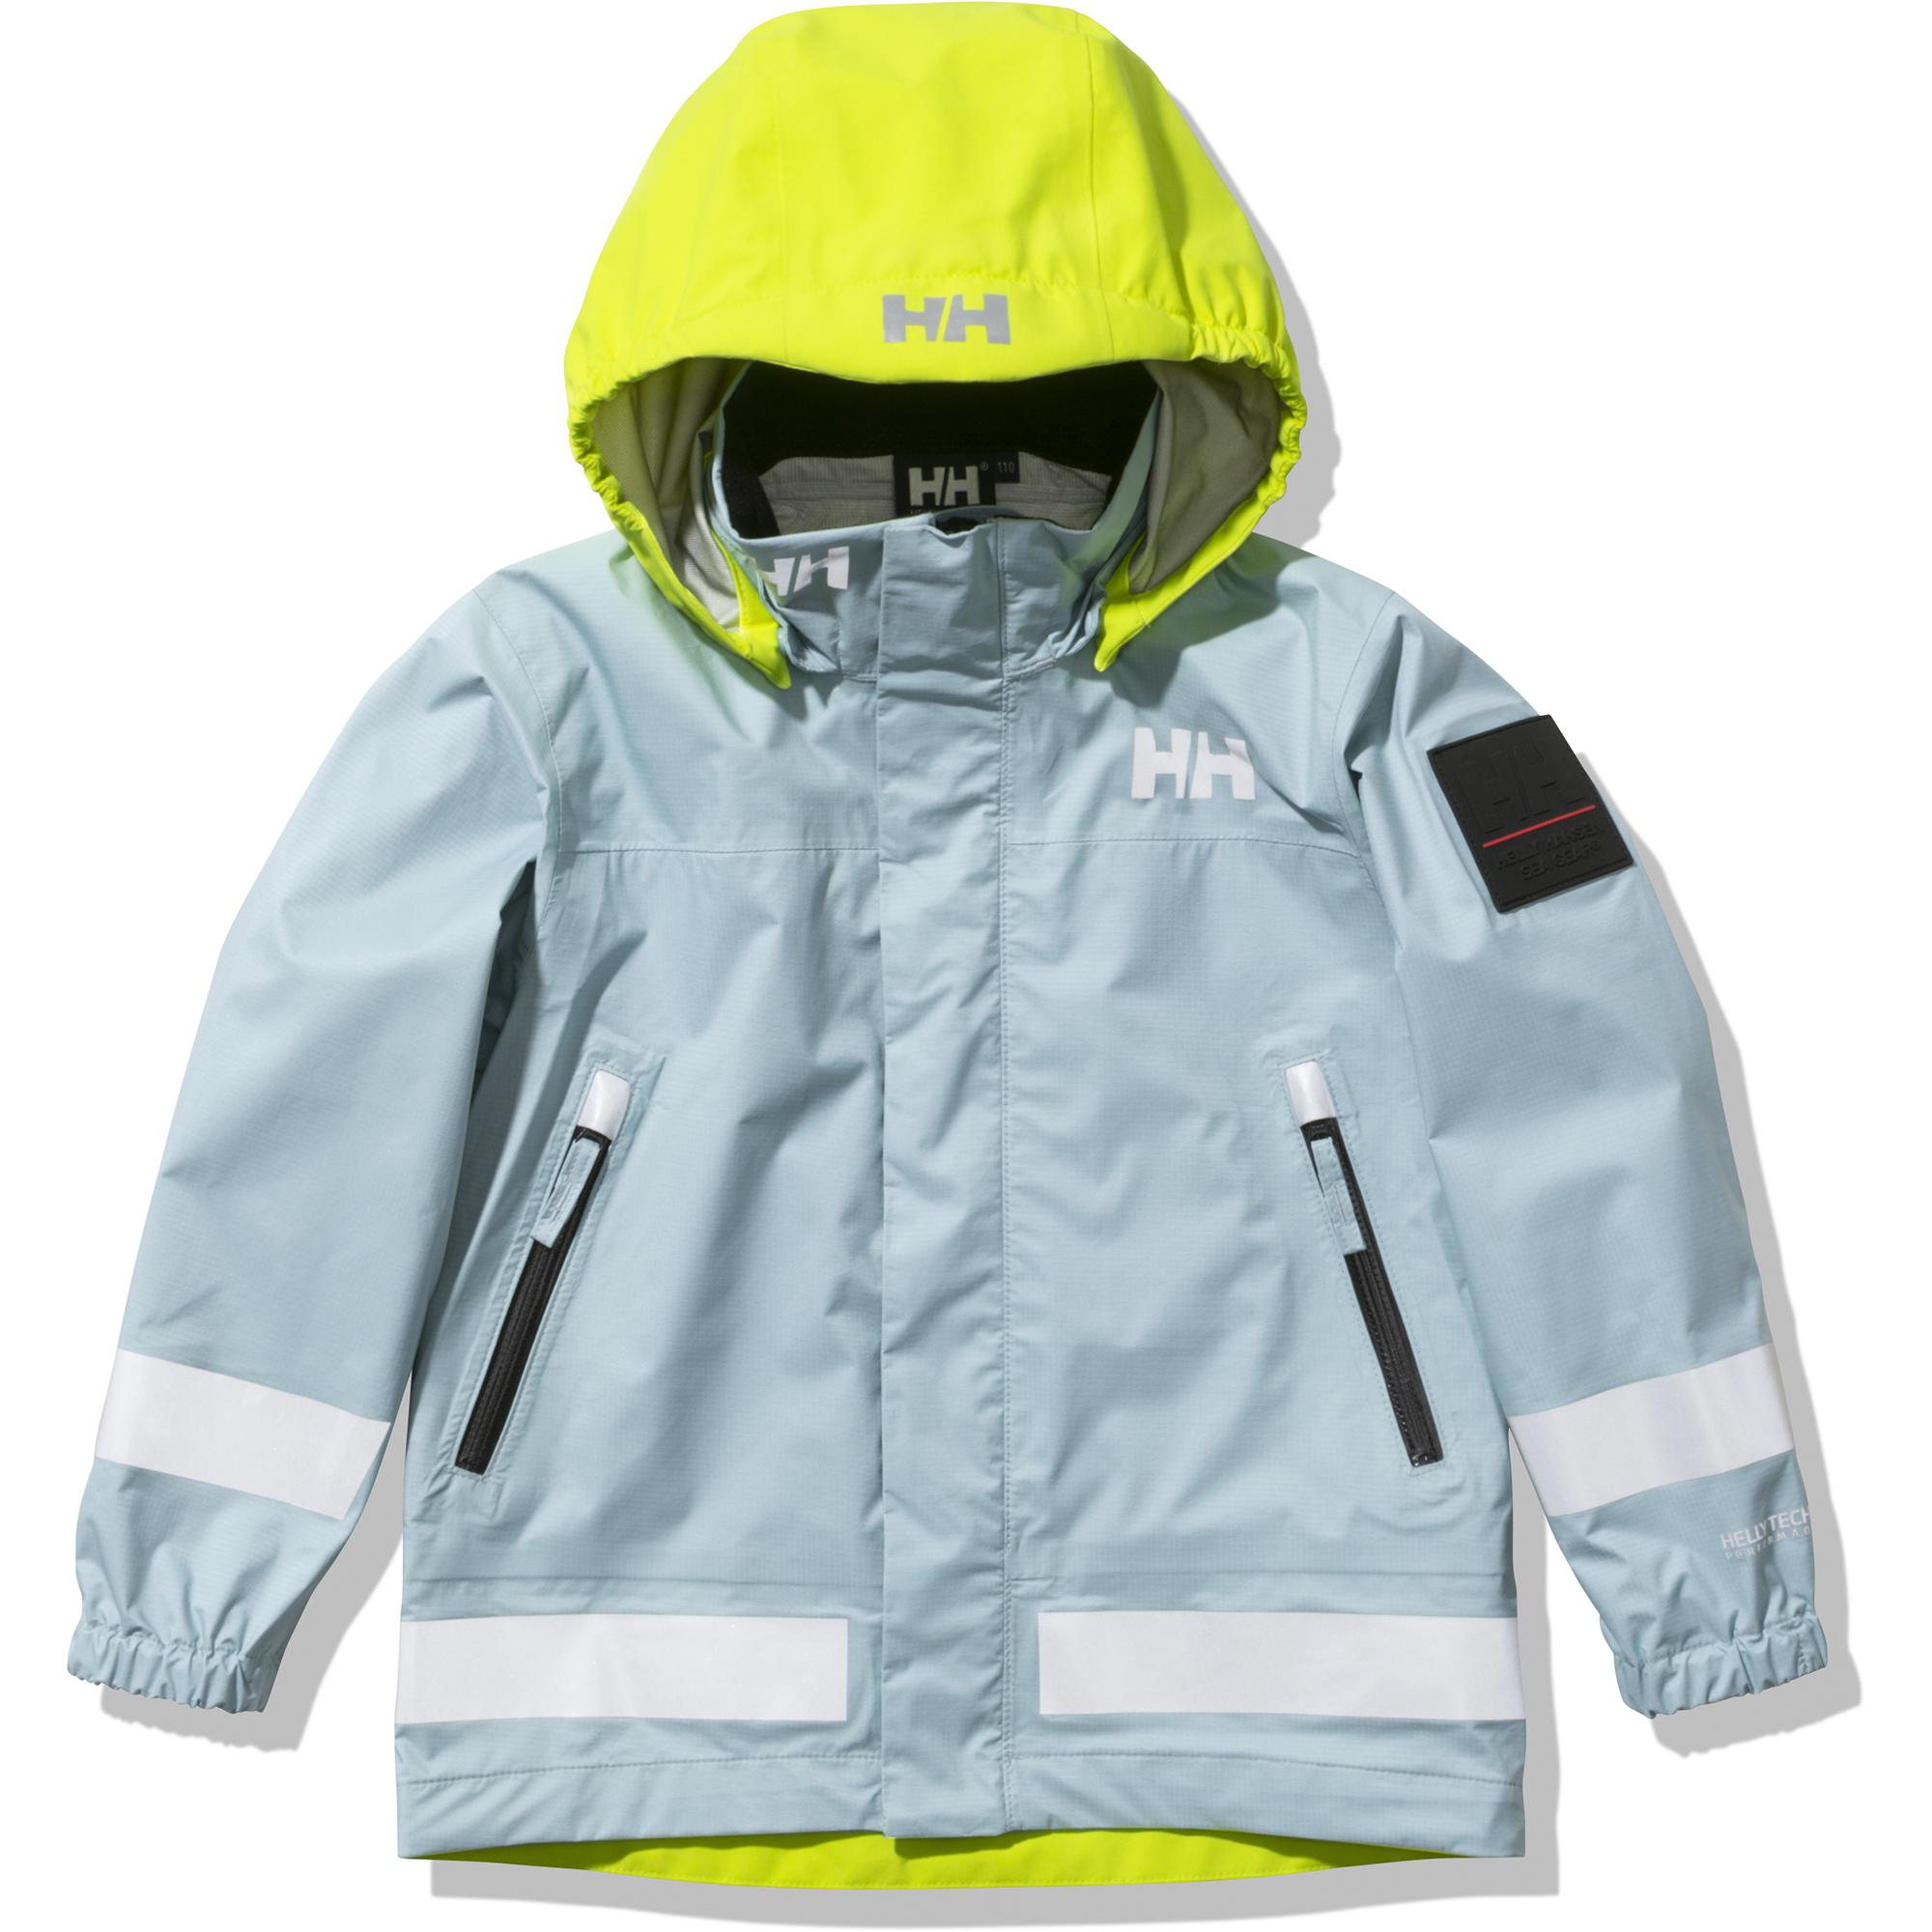 セーリングウェアを手がけるヘリーハンセンの定番ジャケット。防水性に優れていて、レインウェアとしても活躍。リフレクト素材を部分的に採用しているので視認性が高く、安全に着用できる。 ジャケット 16,500円(サイズ 110~150)